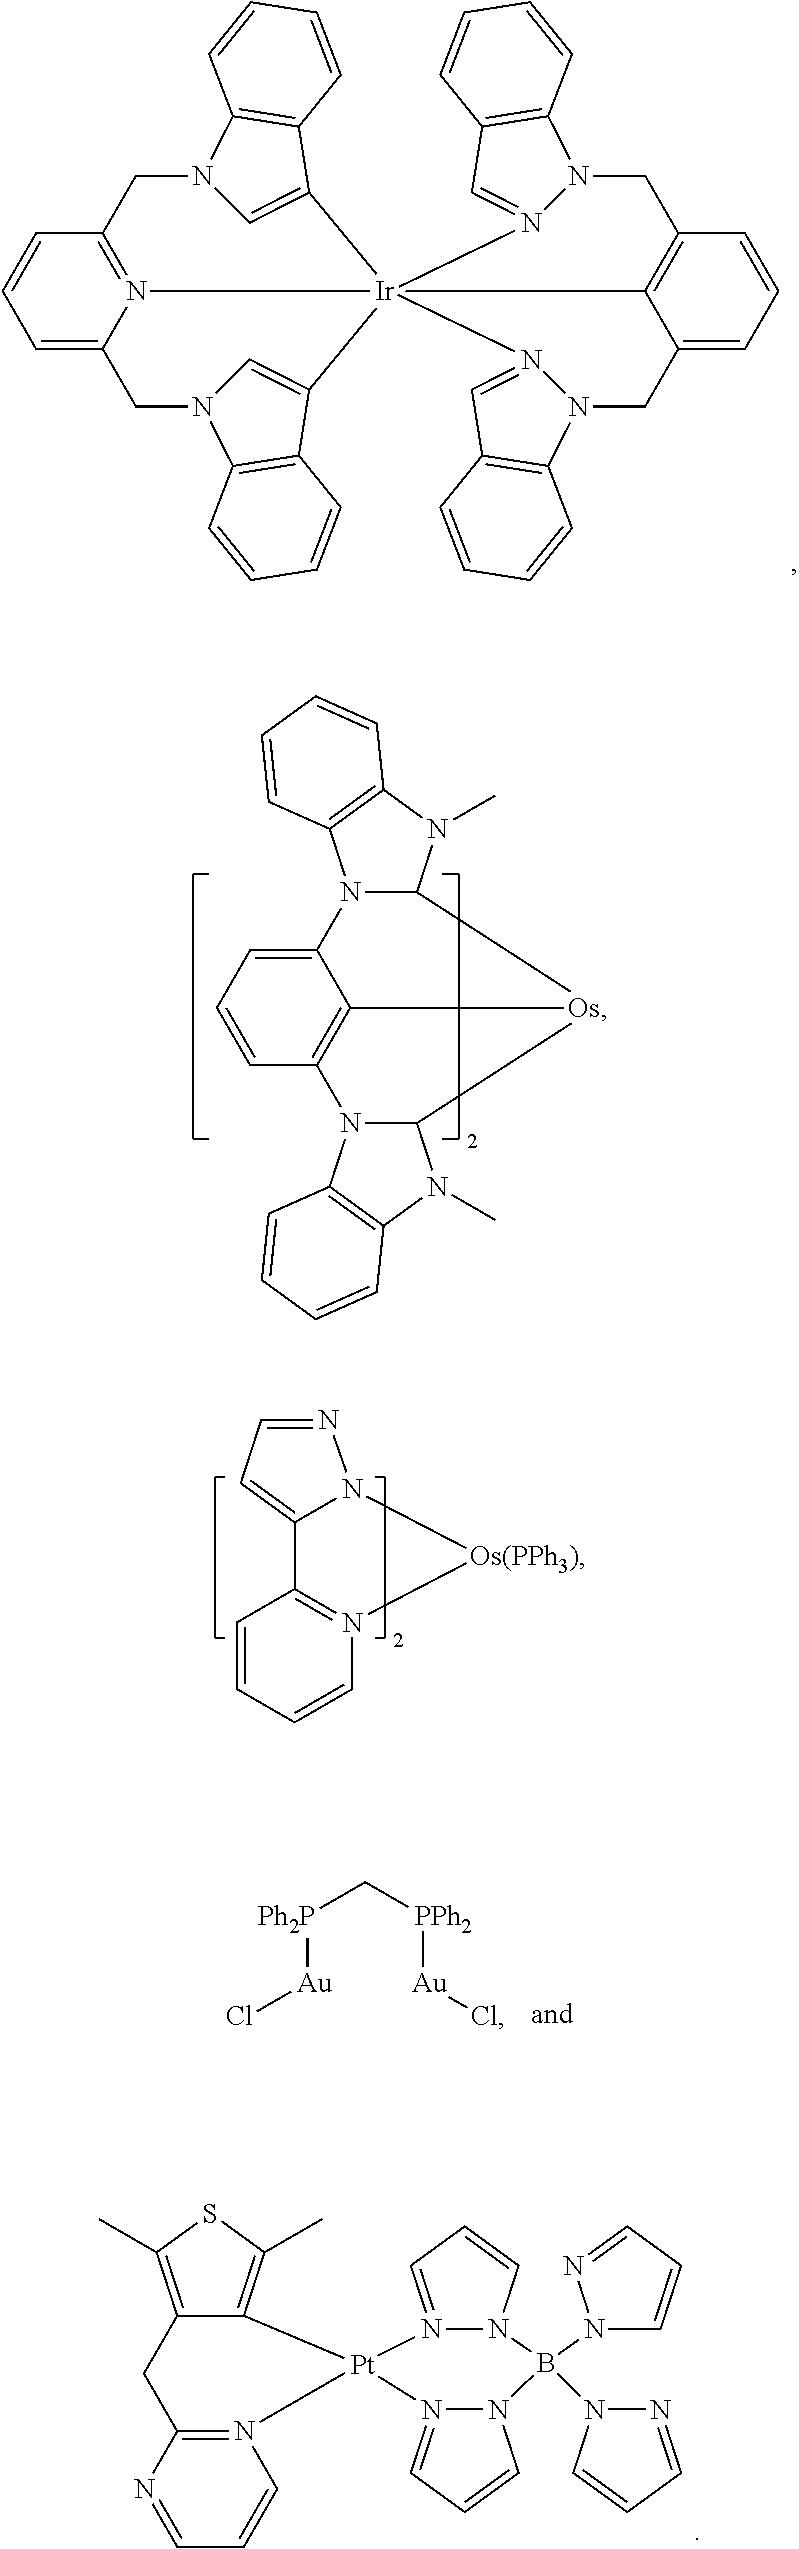 Figure US09455411-20160927-C00211